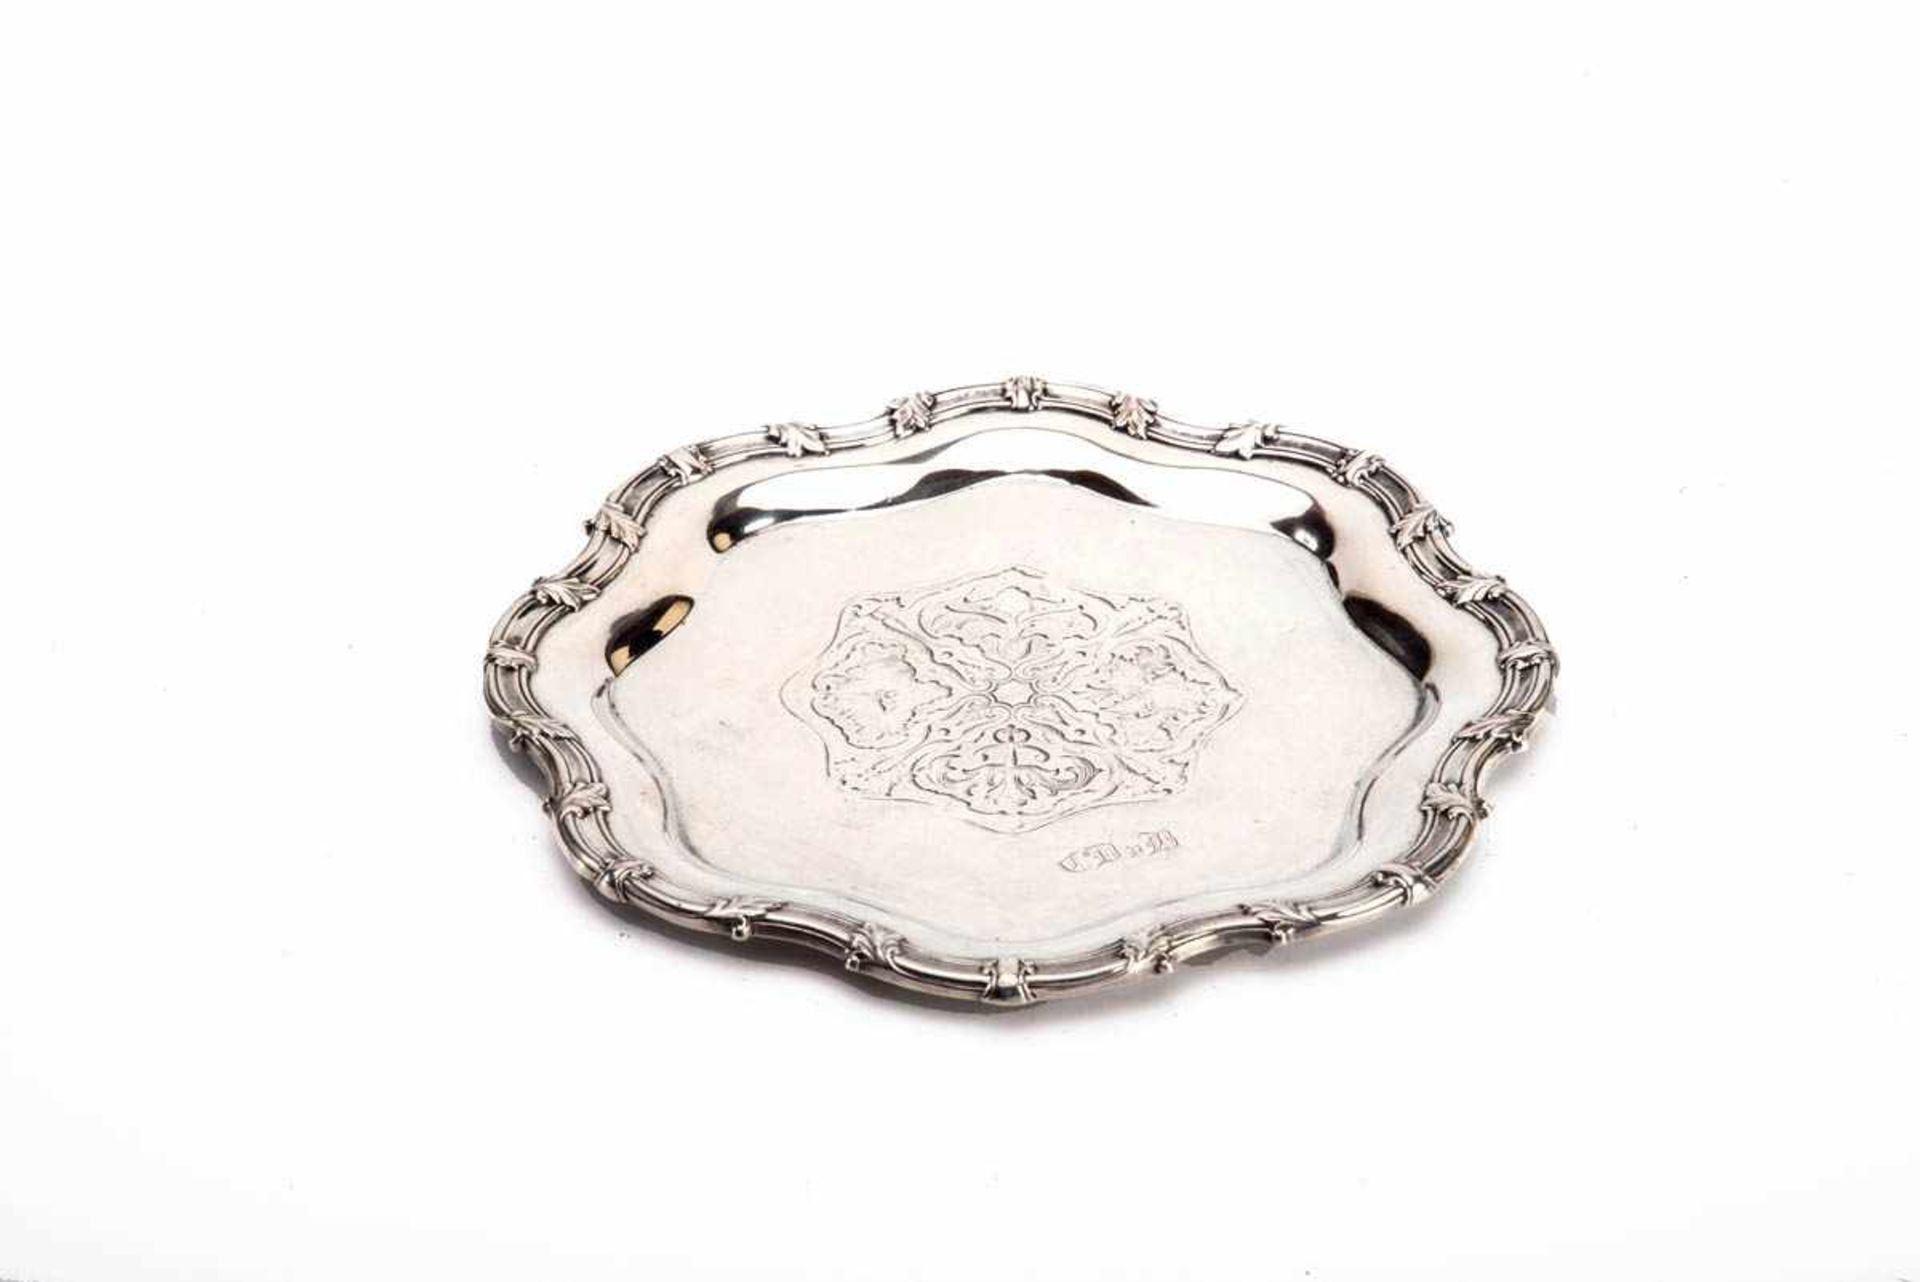 Los 8 - Kleines Tablett, Mitte 19.Jh. 12-lötiges Silber. Runder passig geschweifter Spiegel in der Mitte